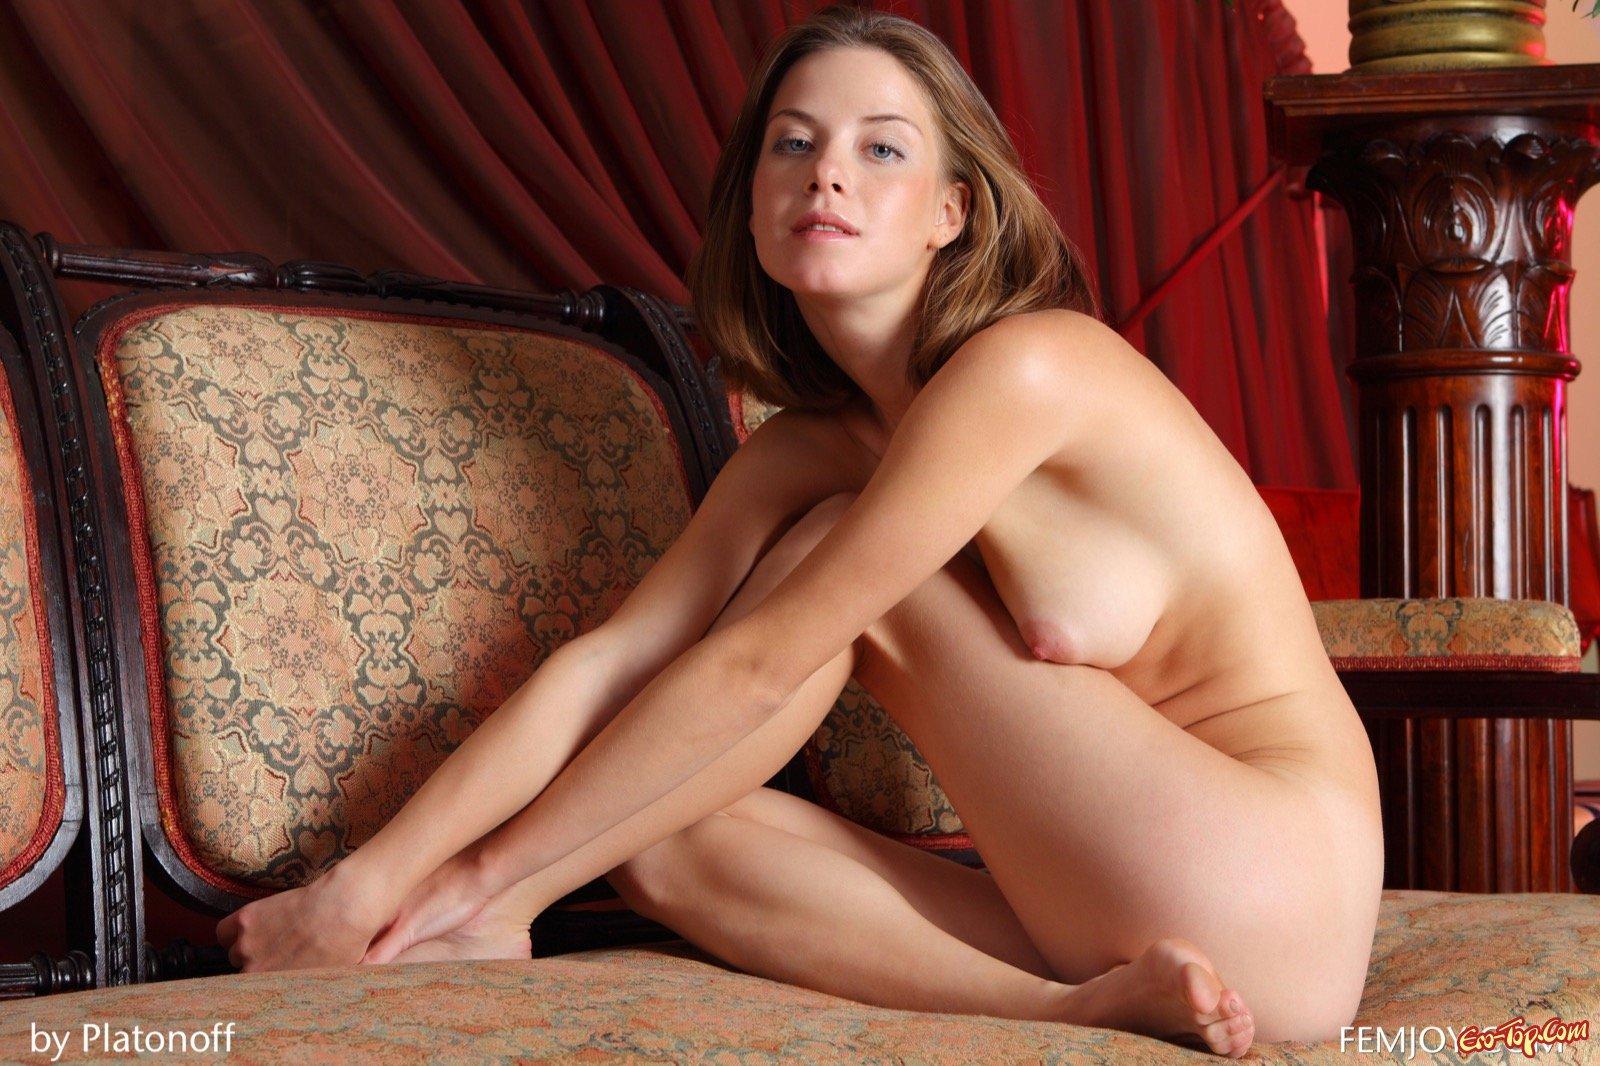 Голая девушка принимает эротичные позы на диване